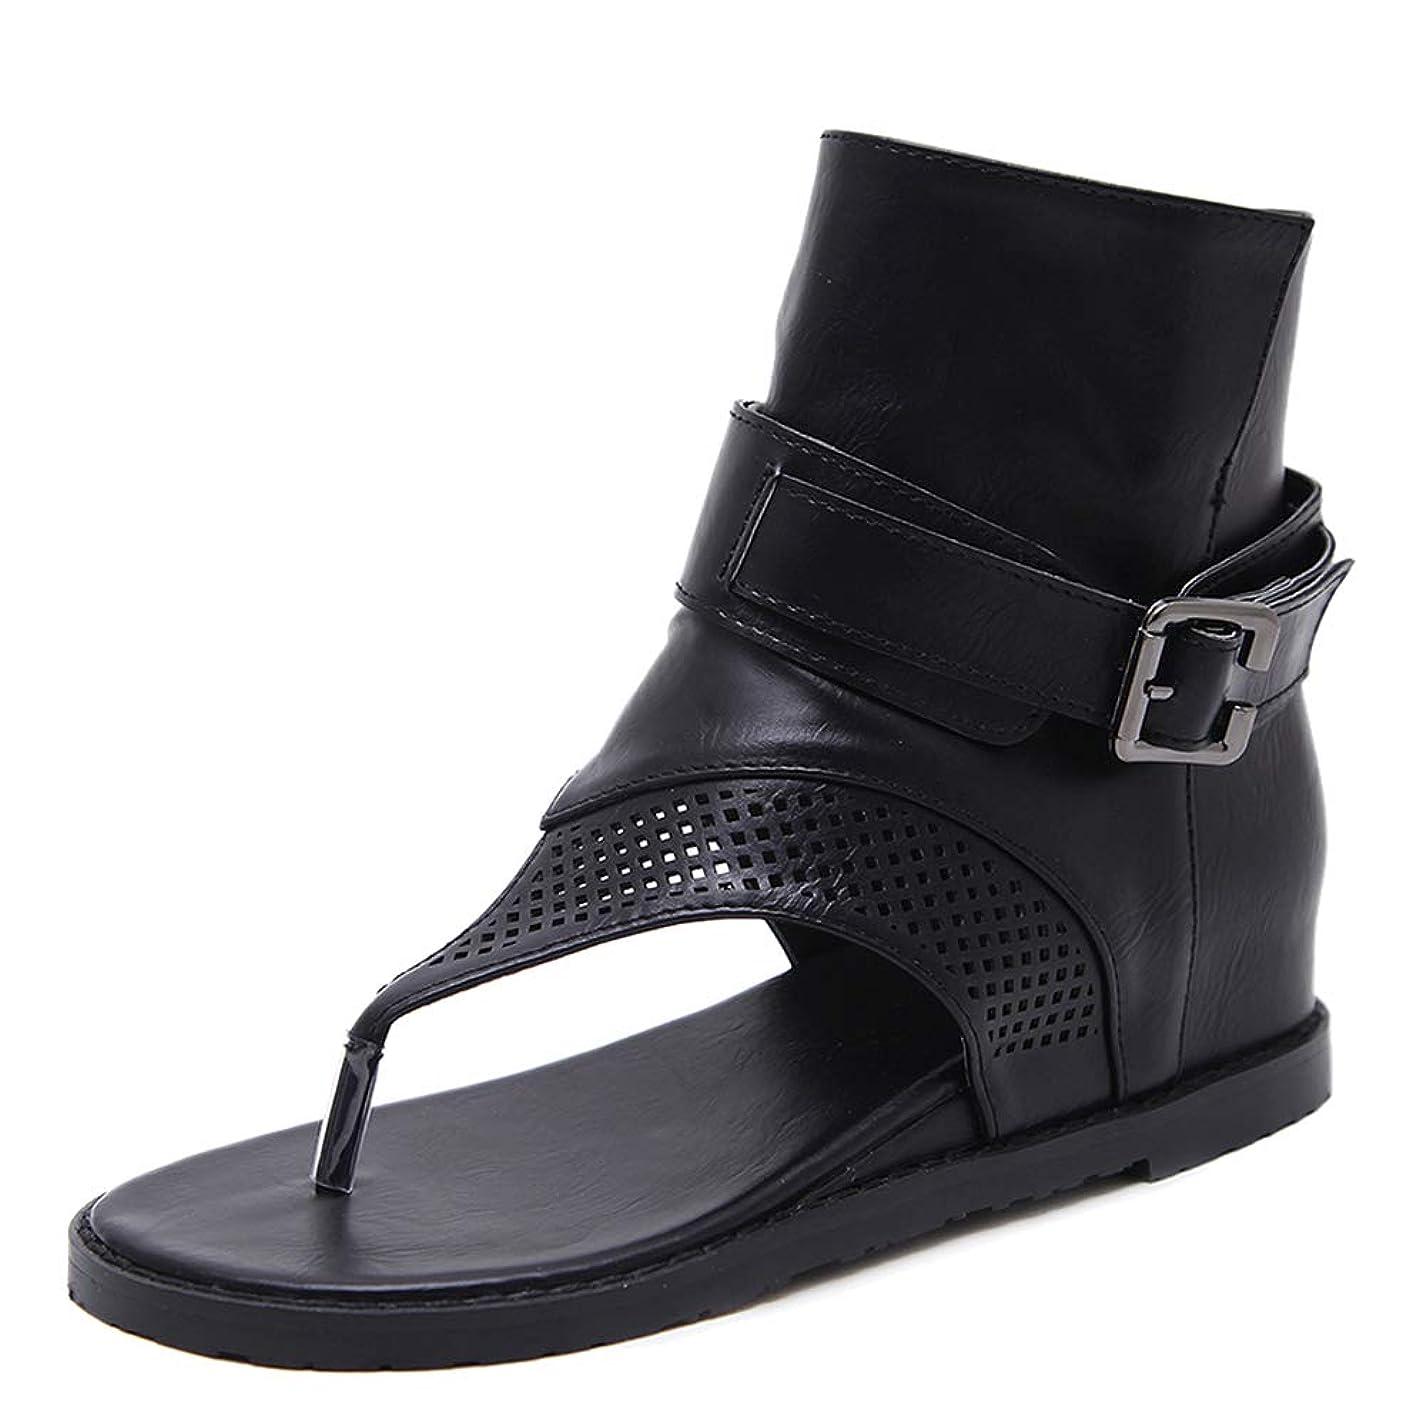 出席するフェロー諸島乳製品[Melady] レディース クラシック 夏靴 ハイトップ グラディエーター サンダル